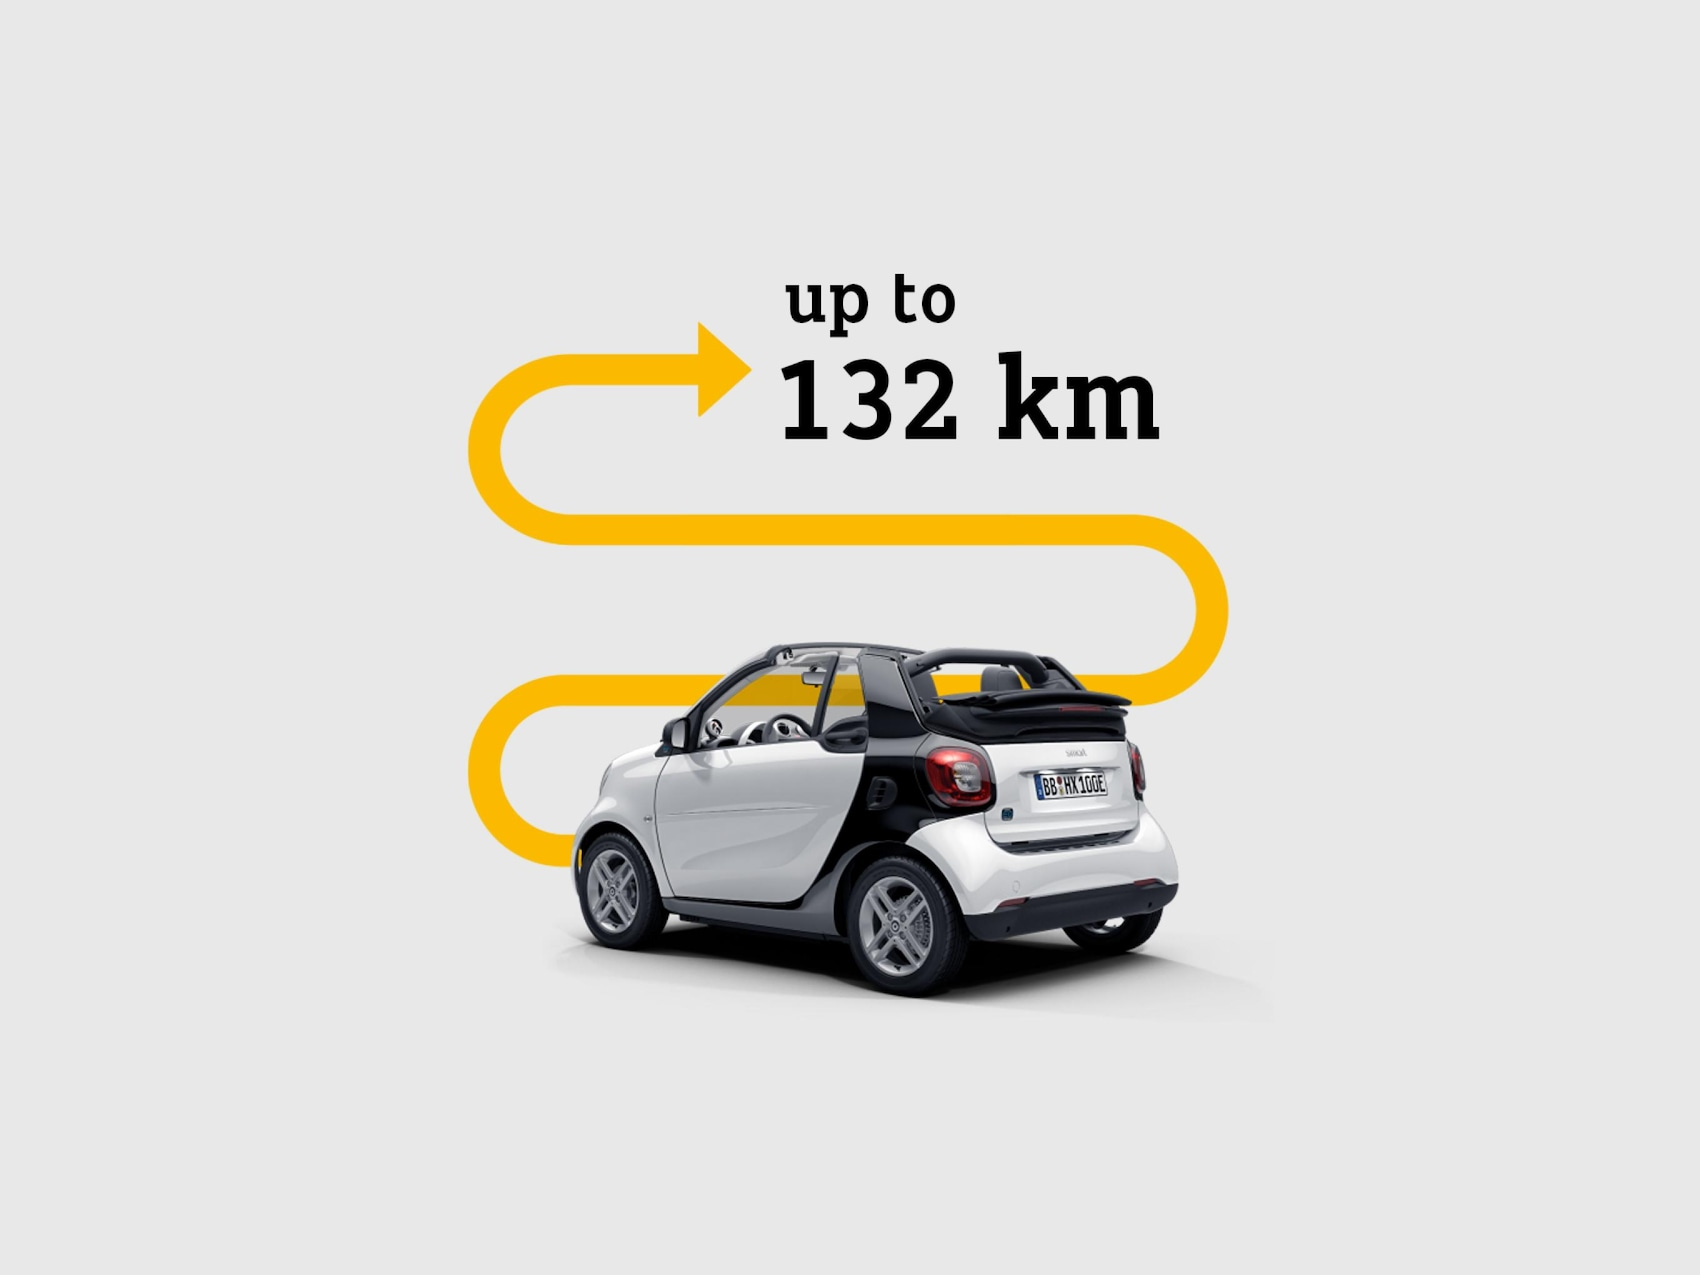 models-reach-132-km-cabrio-EN